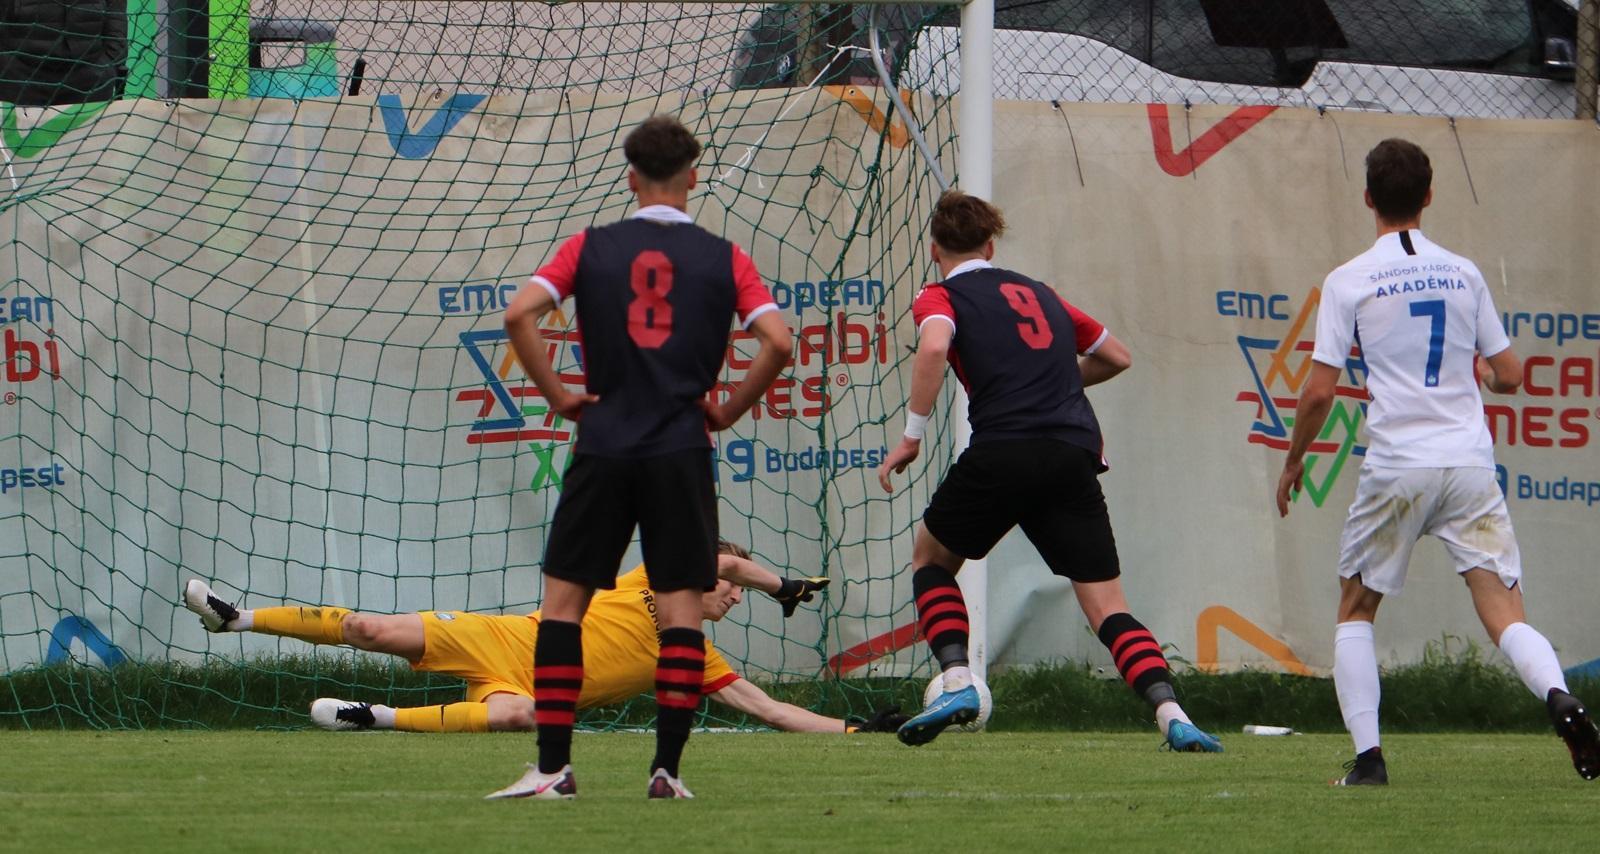 U19: A Honvéd legyőzésével átvettük a vezetést (GALÉRIA)